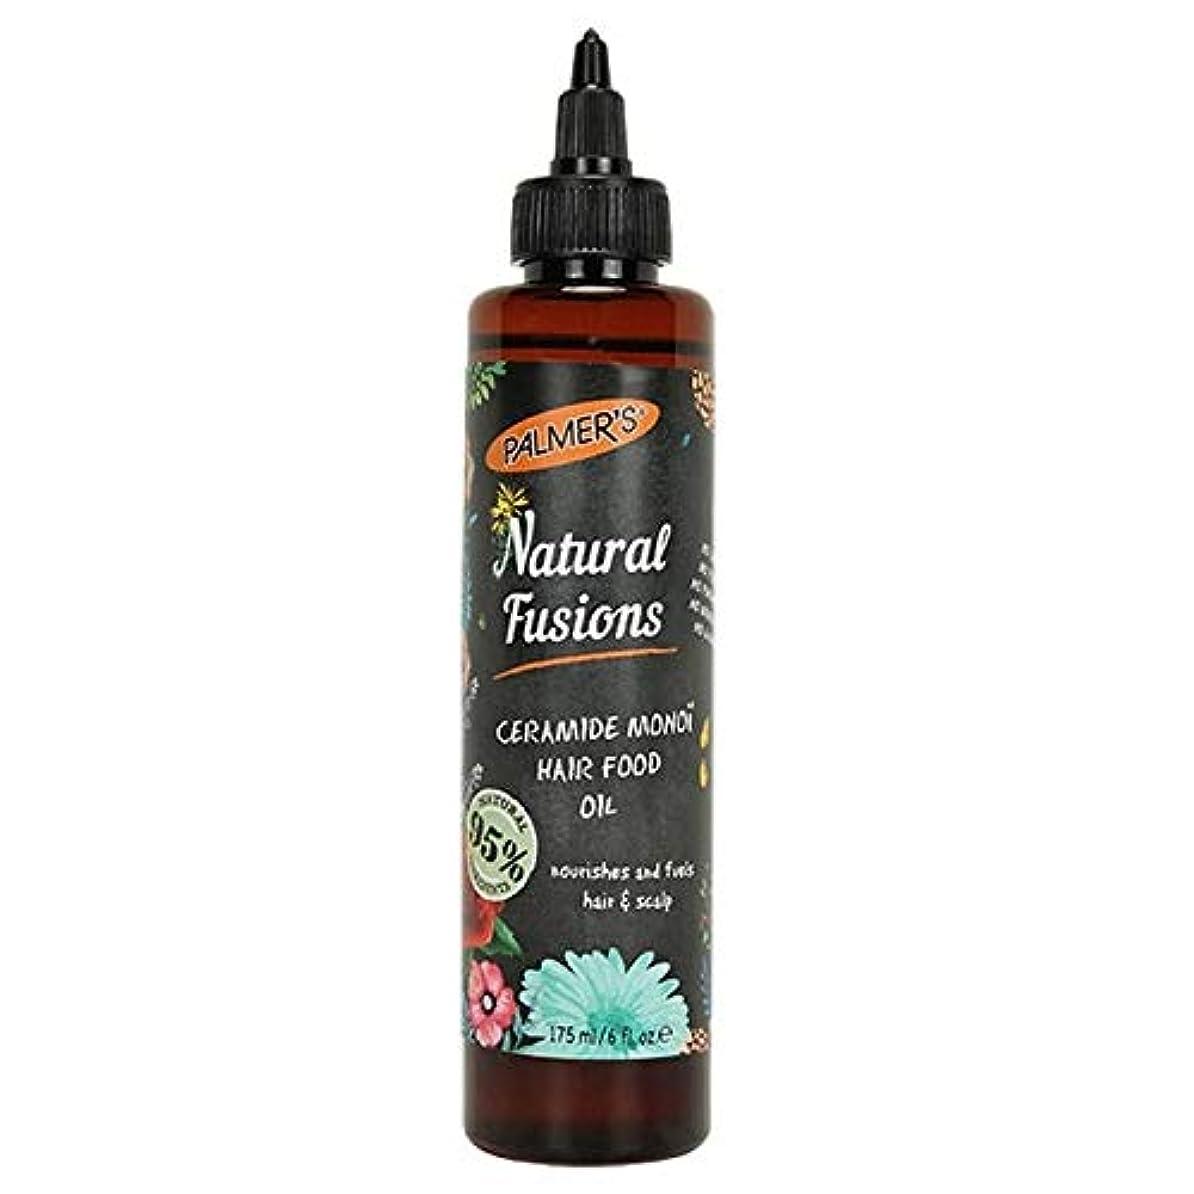 十代カスケード明るい[Palmer's ] パーマーの自然な融合セラミドモノイヘア食品175ミリリットル - Palmer's Natural Fusions Ceramide Monoi Hair Food 175ml [並行輸入品]